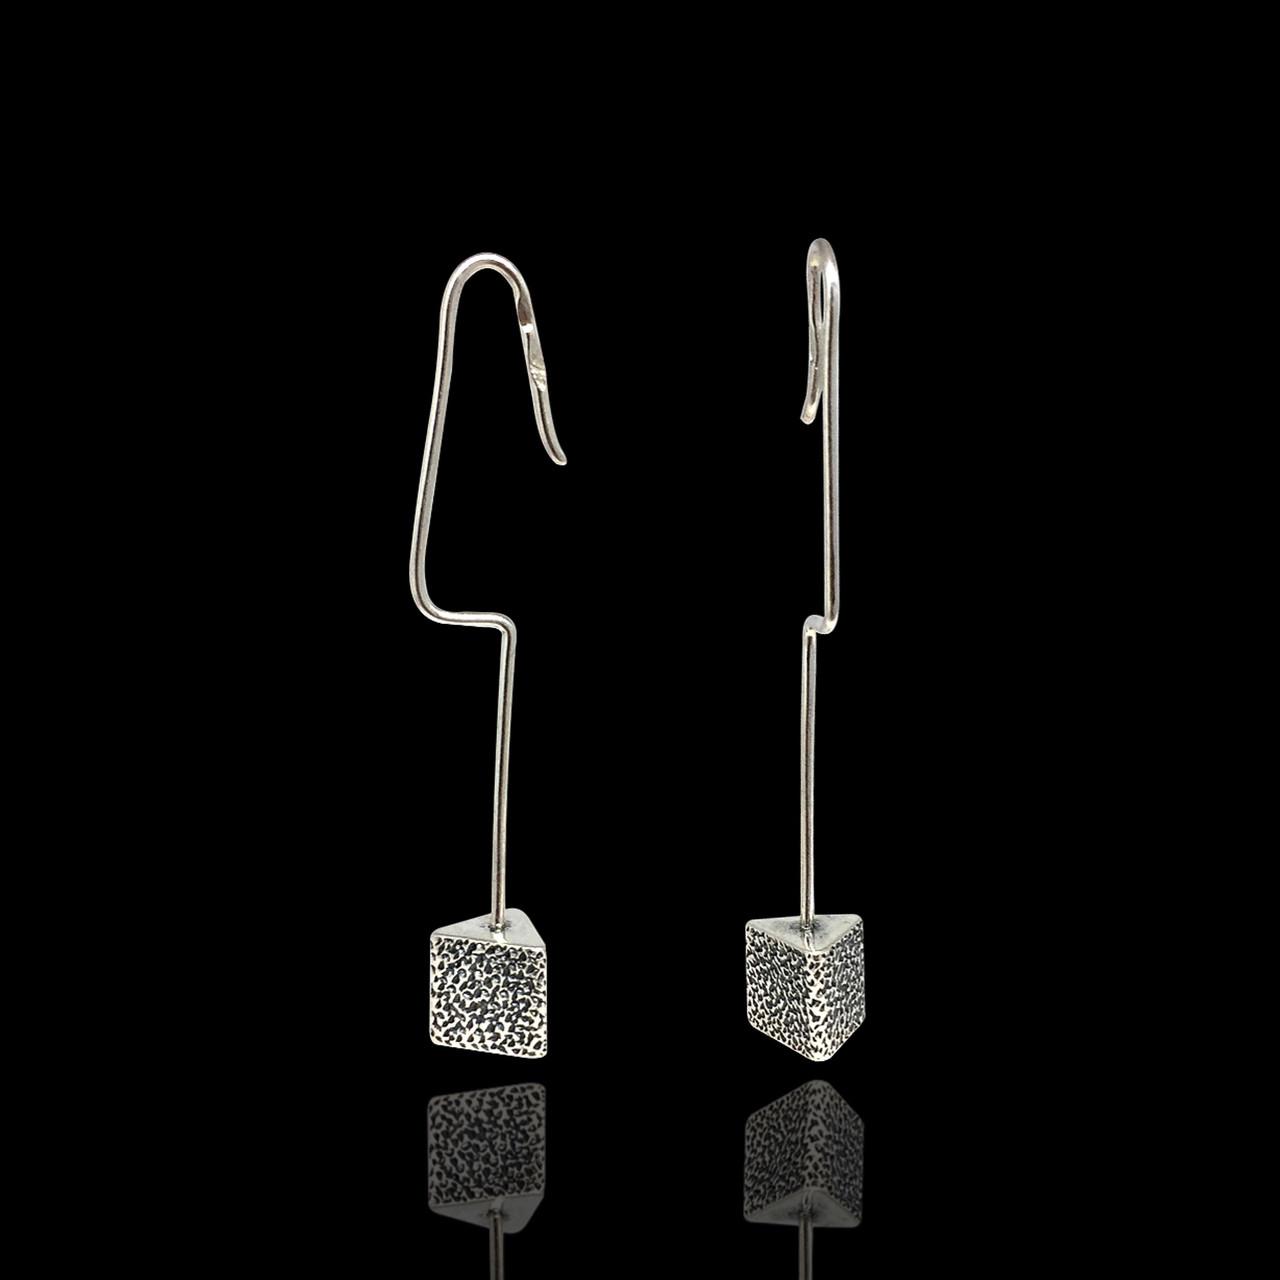 Длинные серебряные висячие серьги